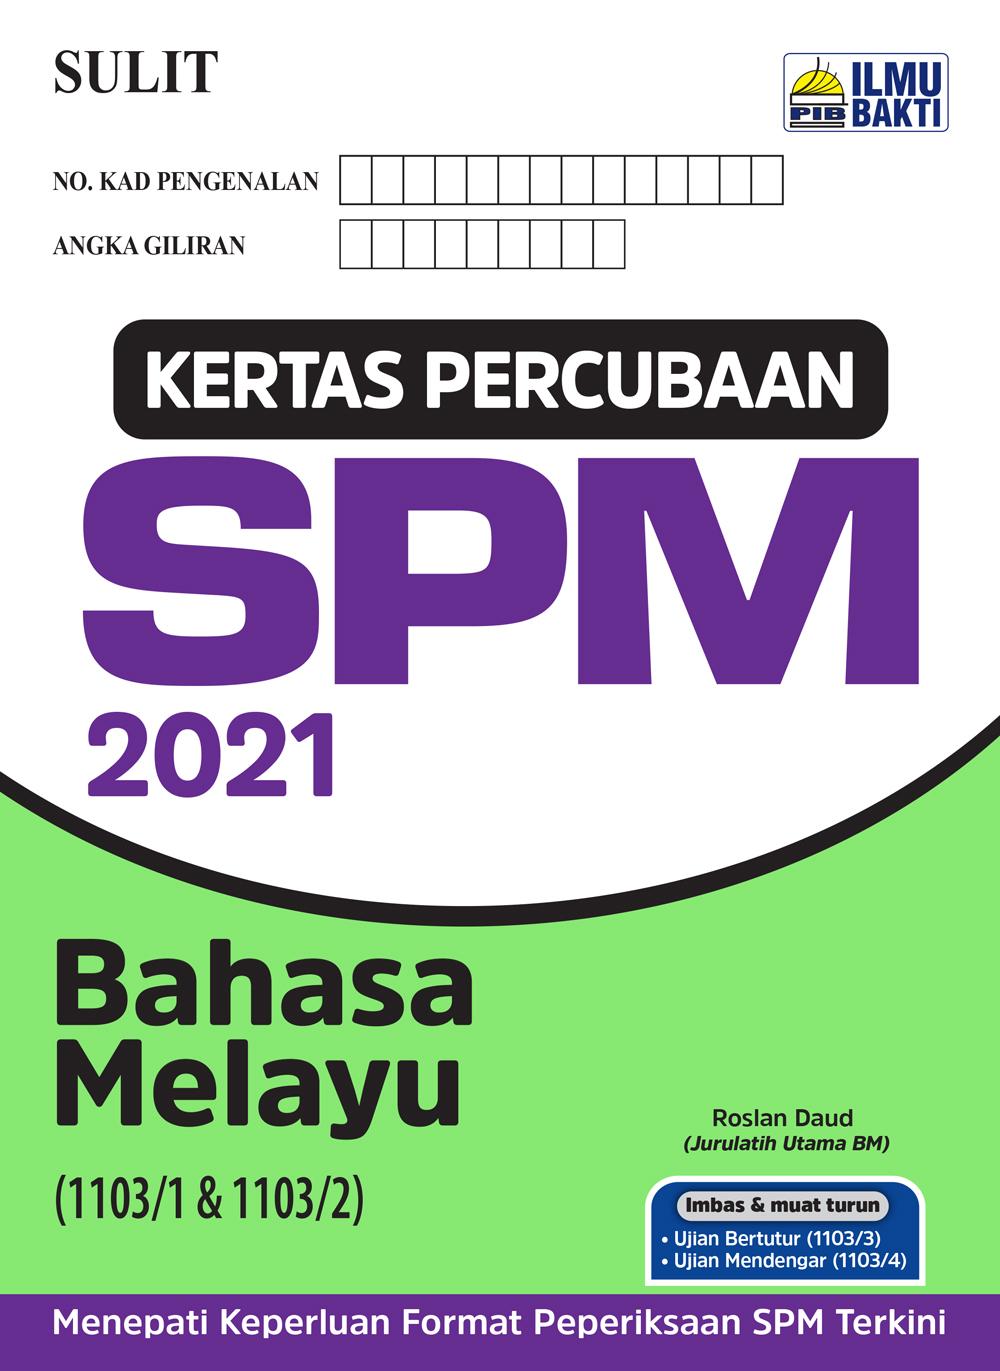 Kertas Percubaan SPM 2021 – Bahasa Melayu